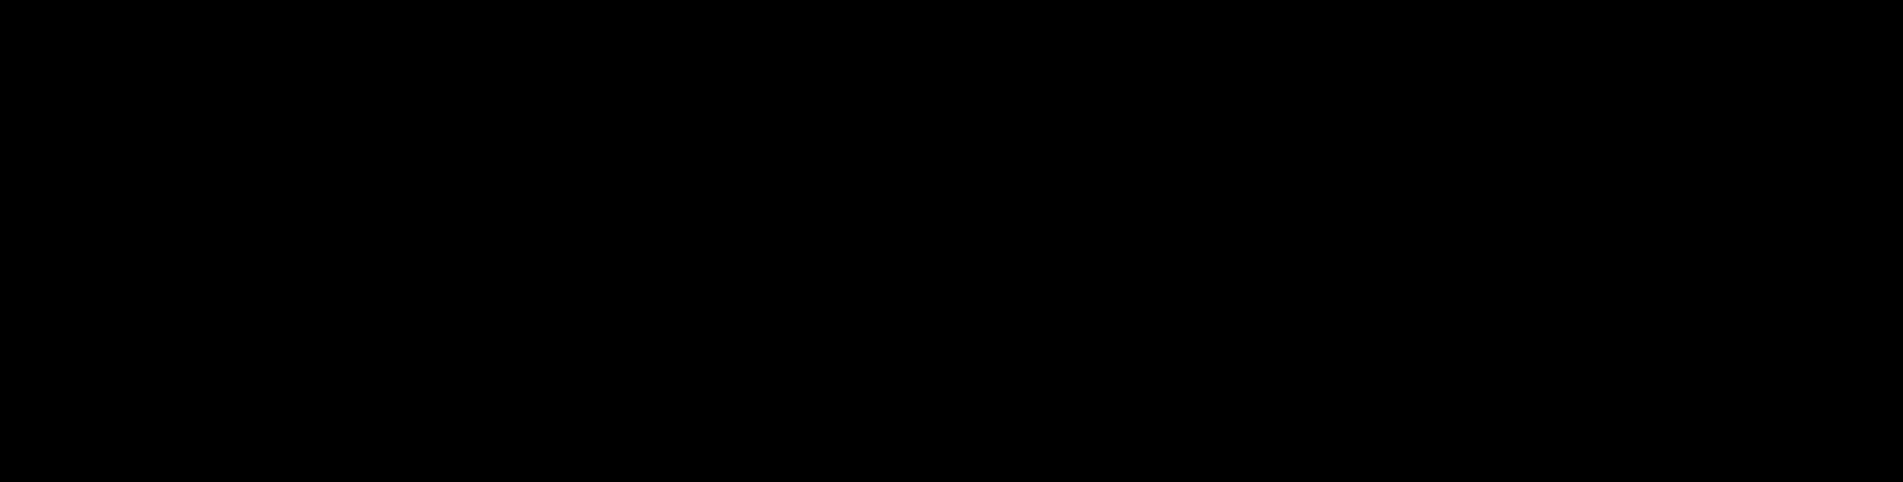 MARIMBERT